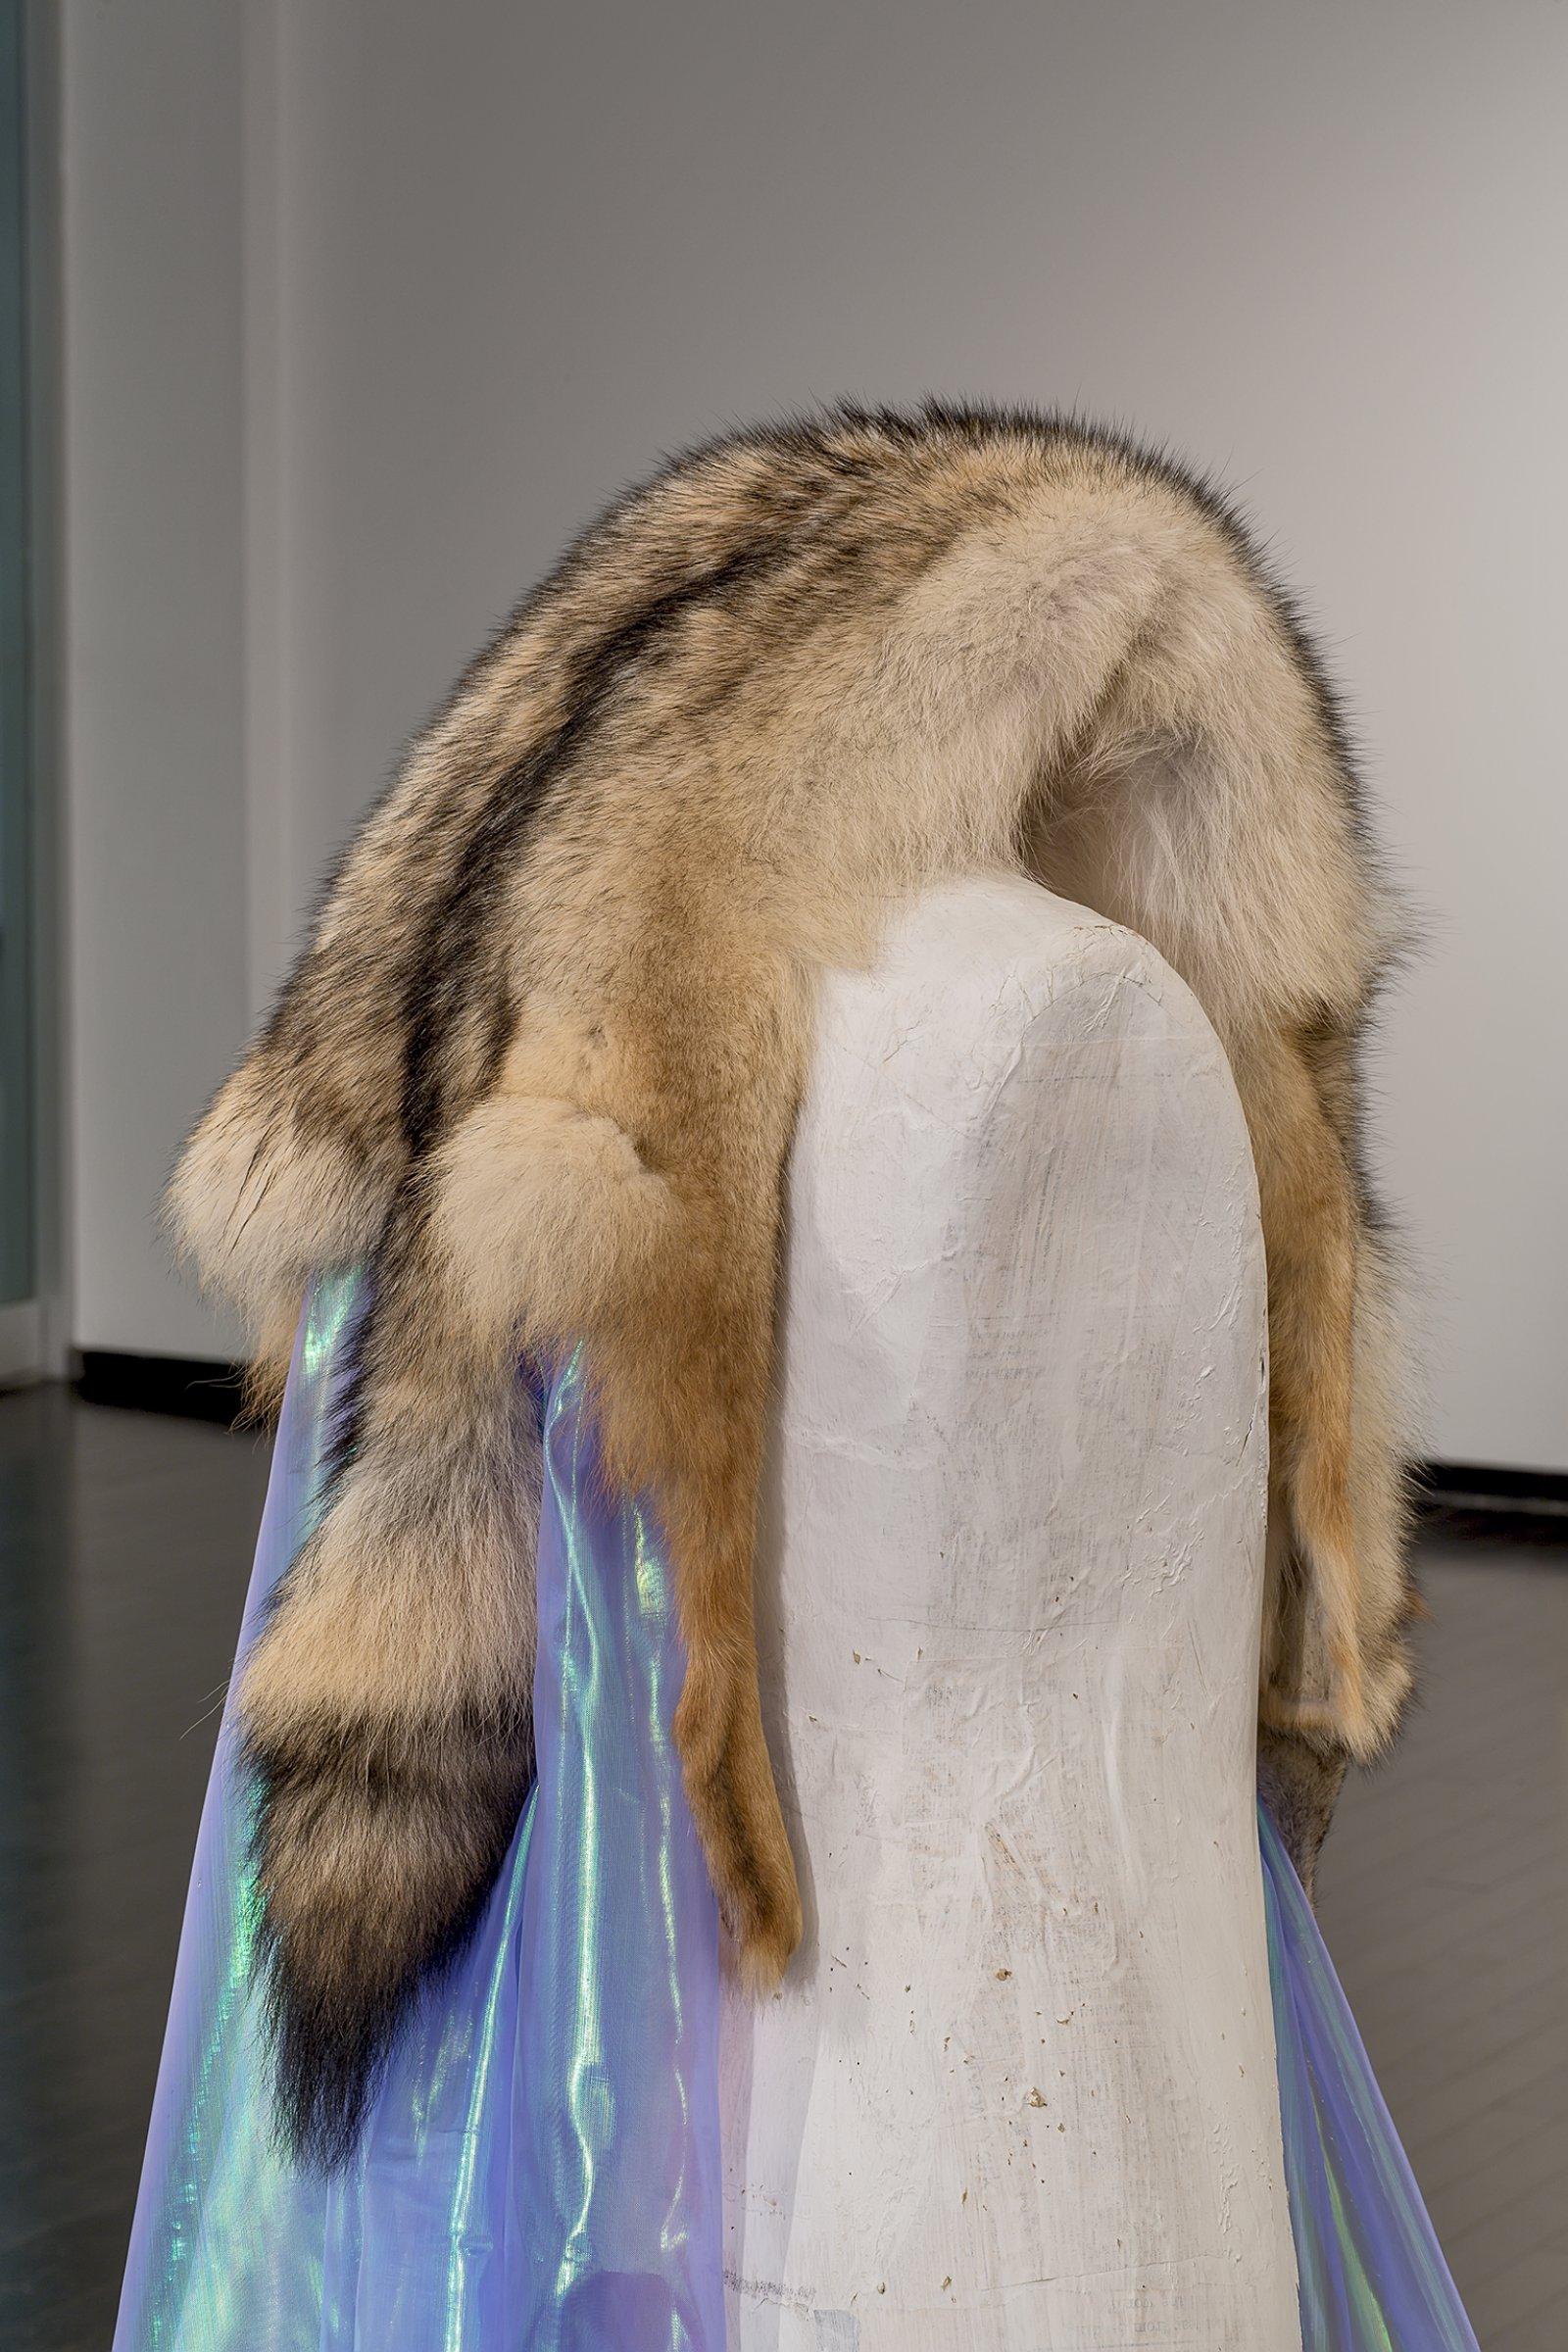 Duane Linklater, Beast of Burden(detail), 2016, coyote fur, dress form, gypsum, steel, wood, dimensions variable